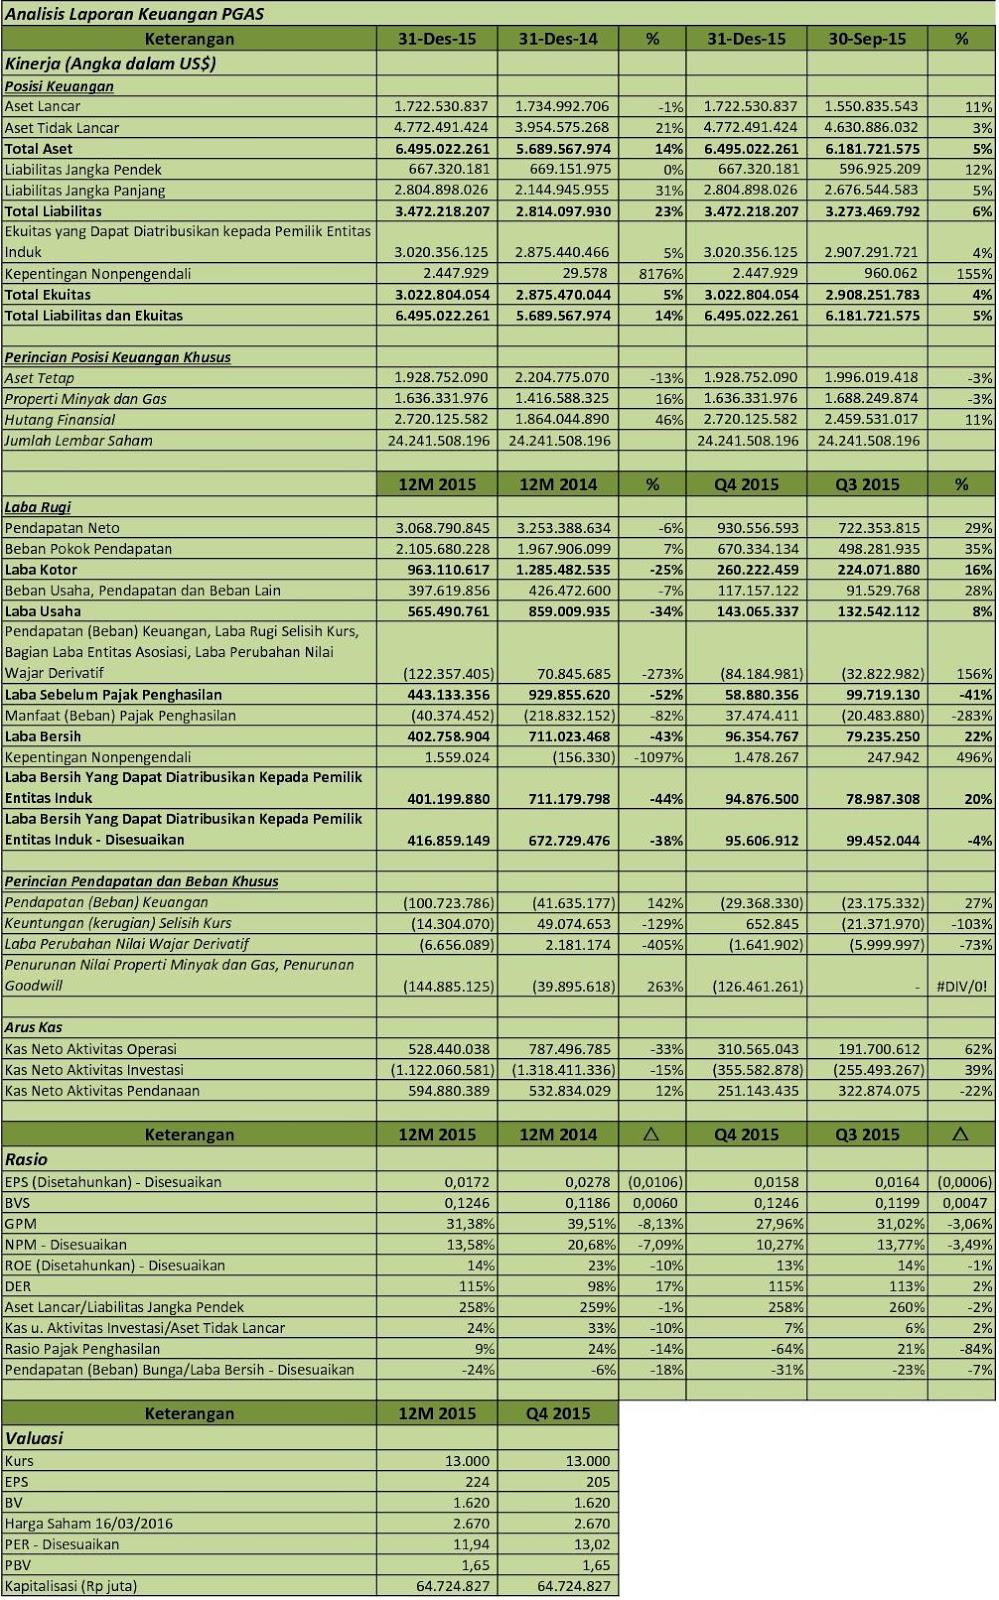 Idx Investor Pgas Analisis Laporan Keuangan Q4 2015